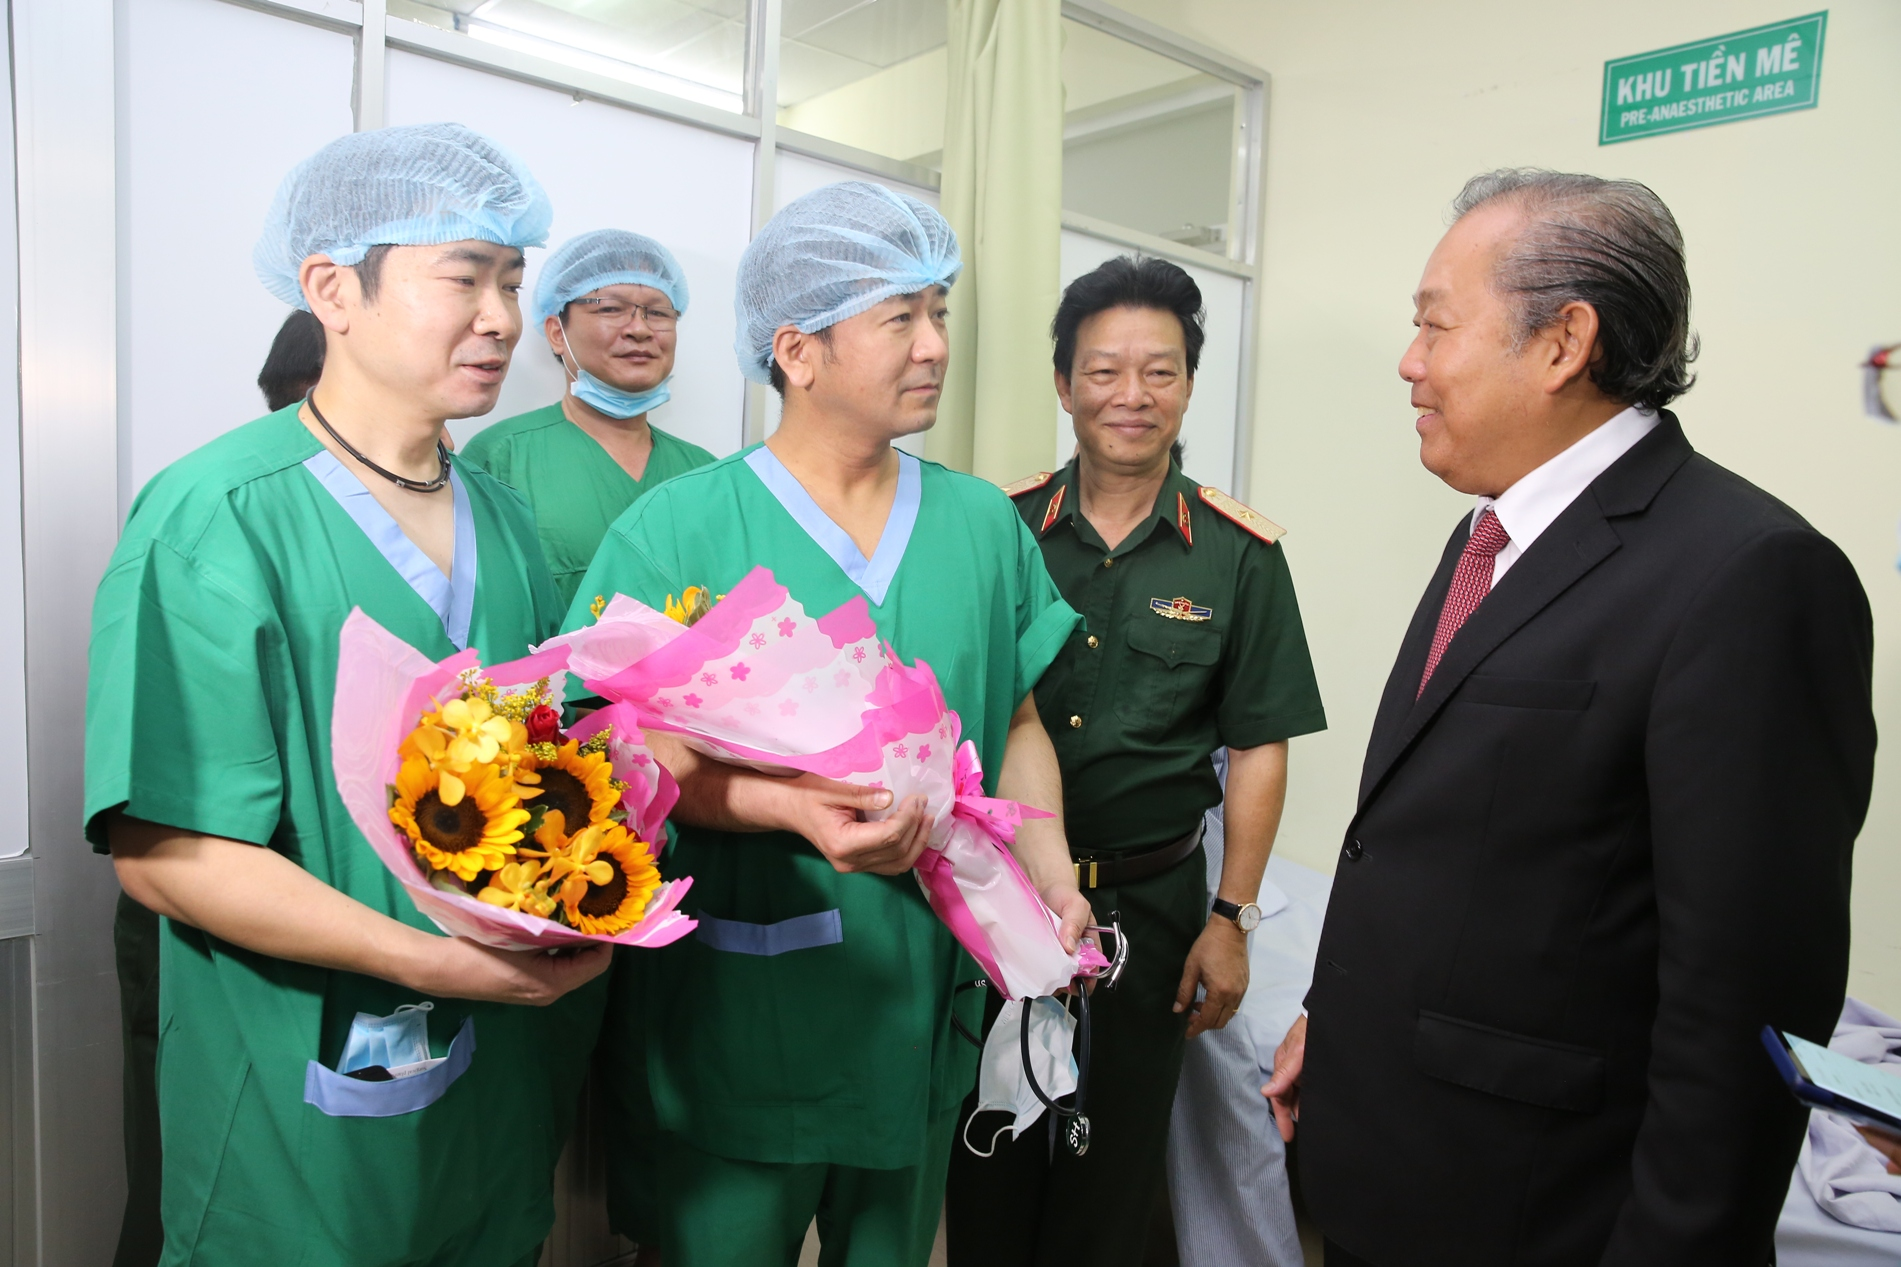 Phó Thủ tướng Thường trực Chính phủ Trương Hòa Bình nói chuyện với các chuyên gia phẫu thuật lồng ngực thuộc Trung tâm Y tế toàn cầu Nhật Bản đến chuyển giao kỹ thuật phẫu thuật lồng ngực cho Bệnh viện Quân y 175. Ảnh: VGP/Mạnh Hùng